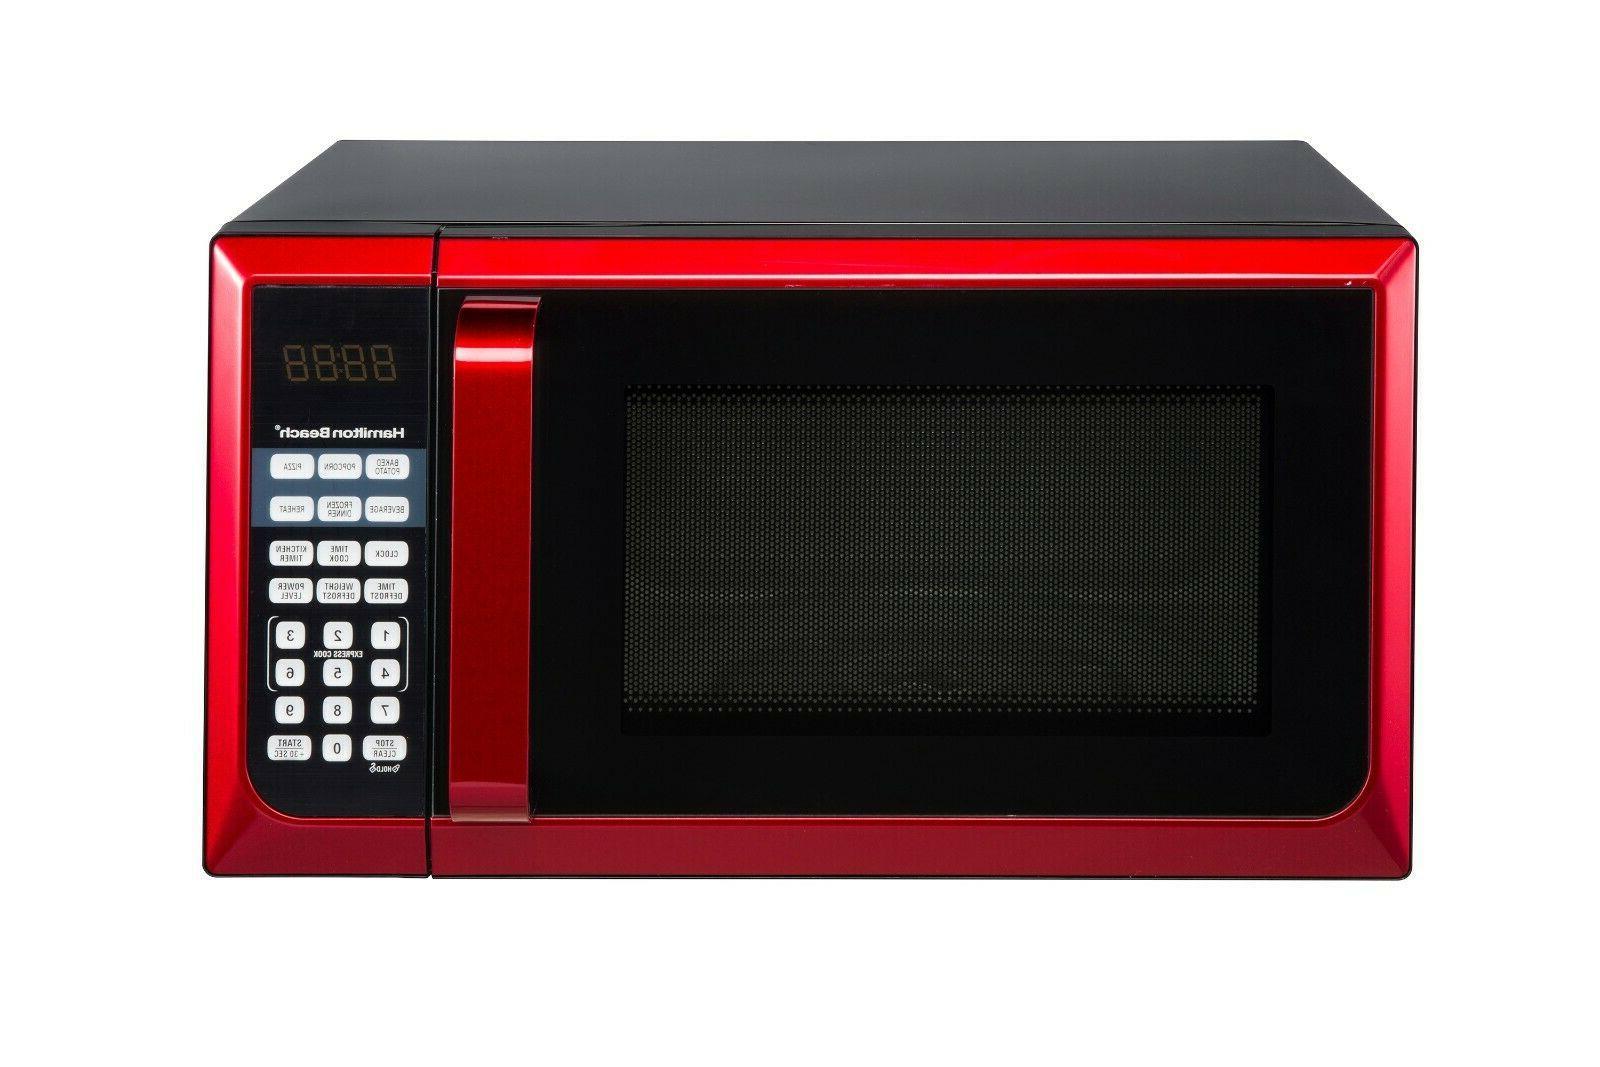 red 900 watt microwave oven 0 9